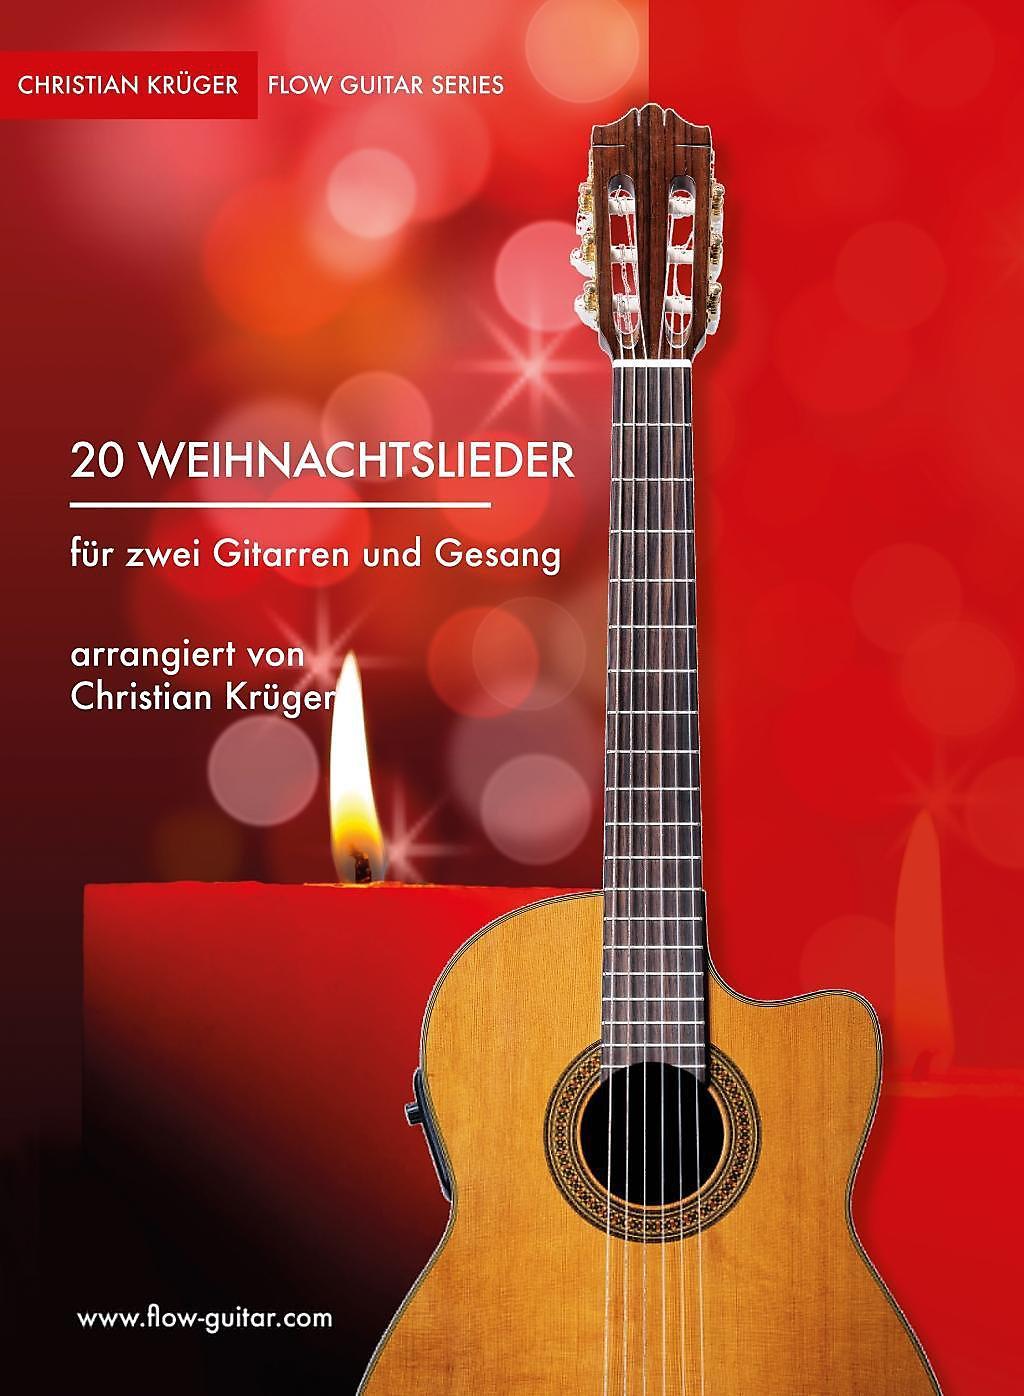 Weihnachtslieder Gesang.20 Weihnachtslieder Für Zwei Gitarren Und Gesang Buch Portofrei